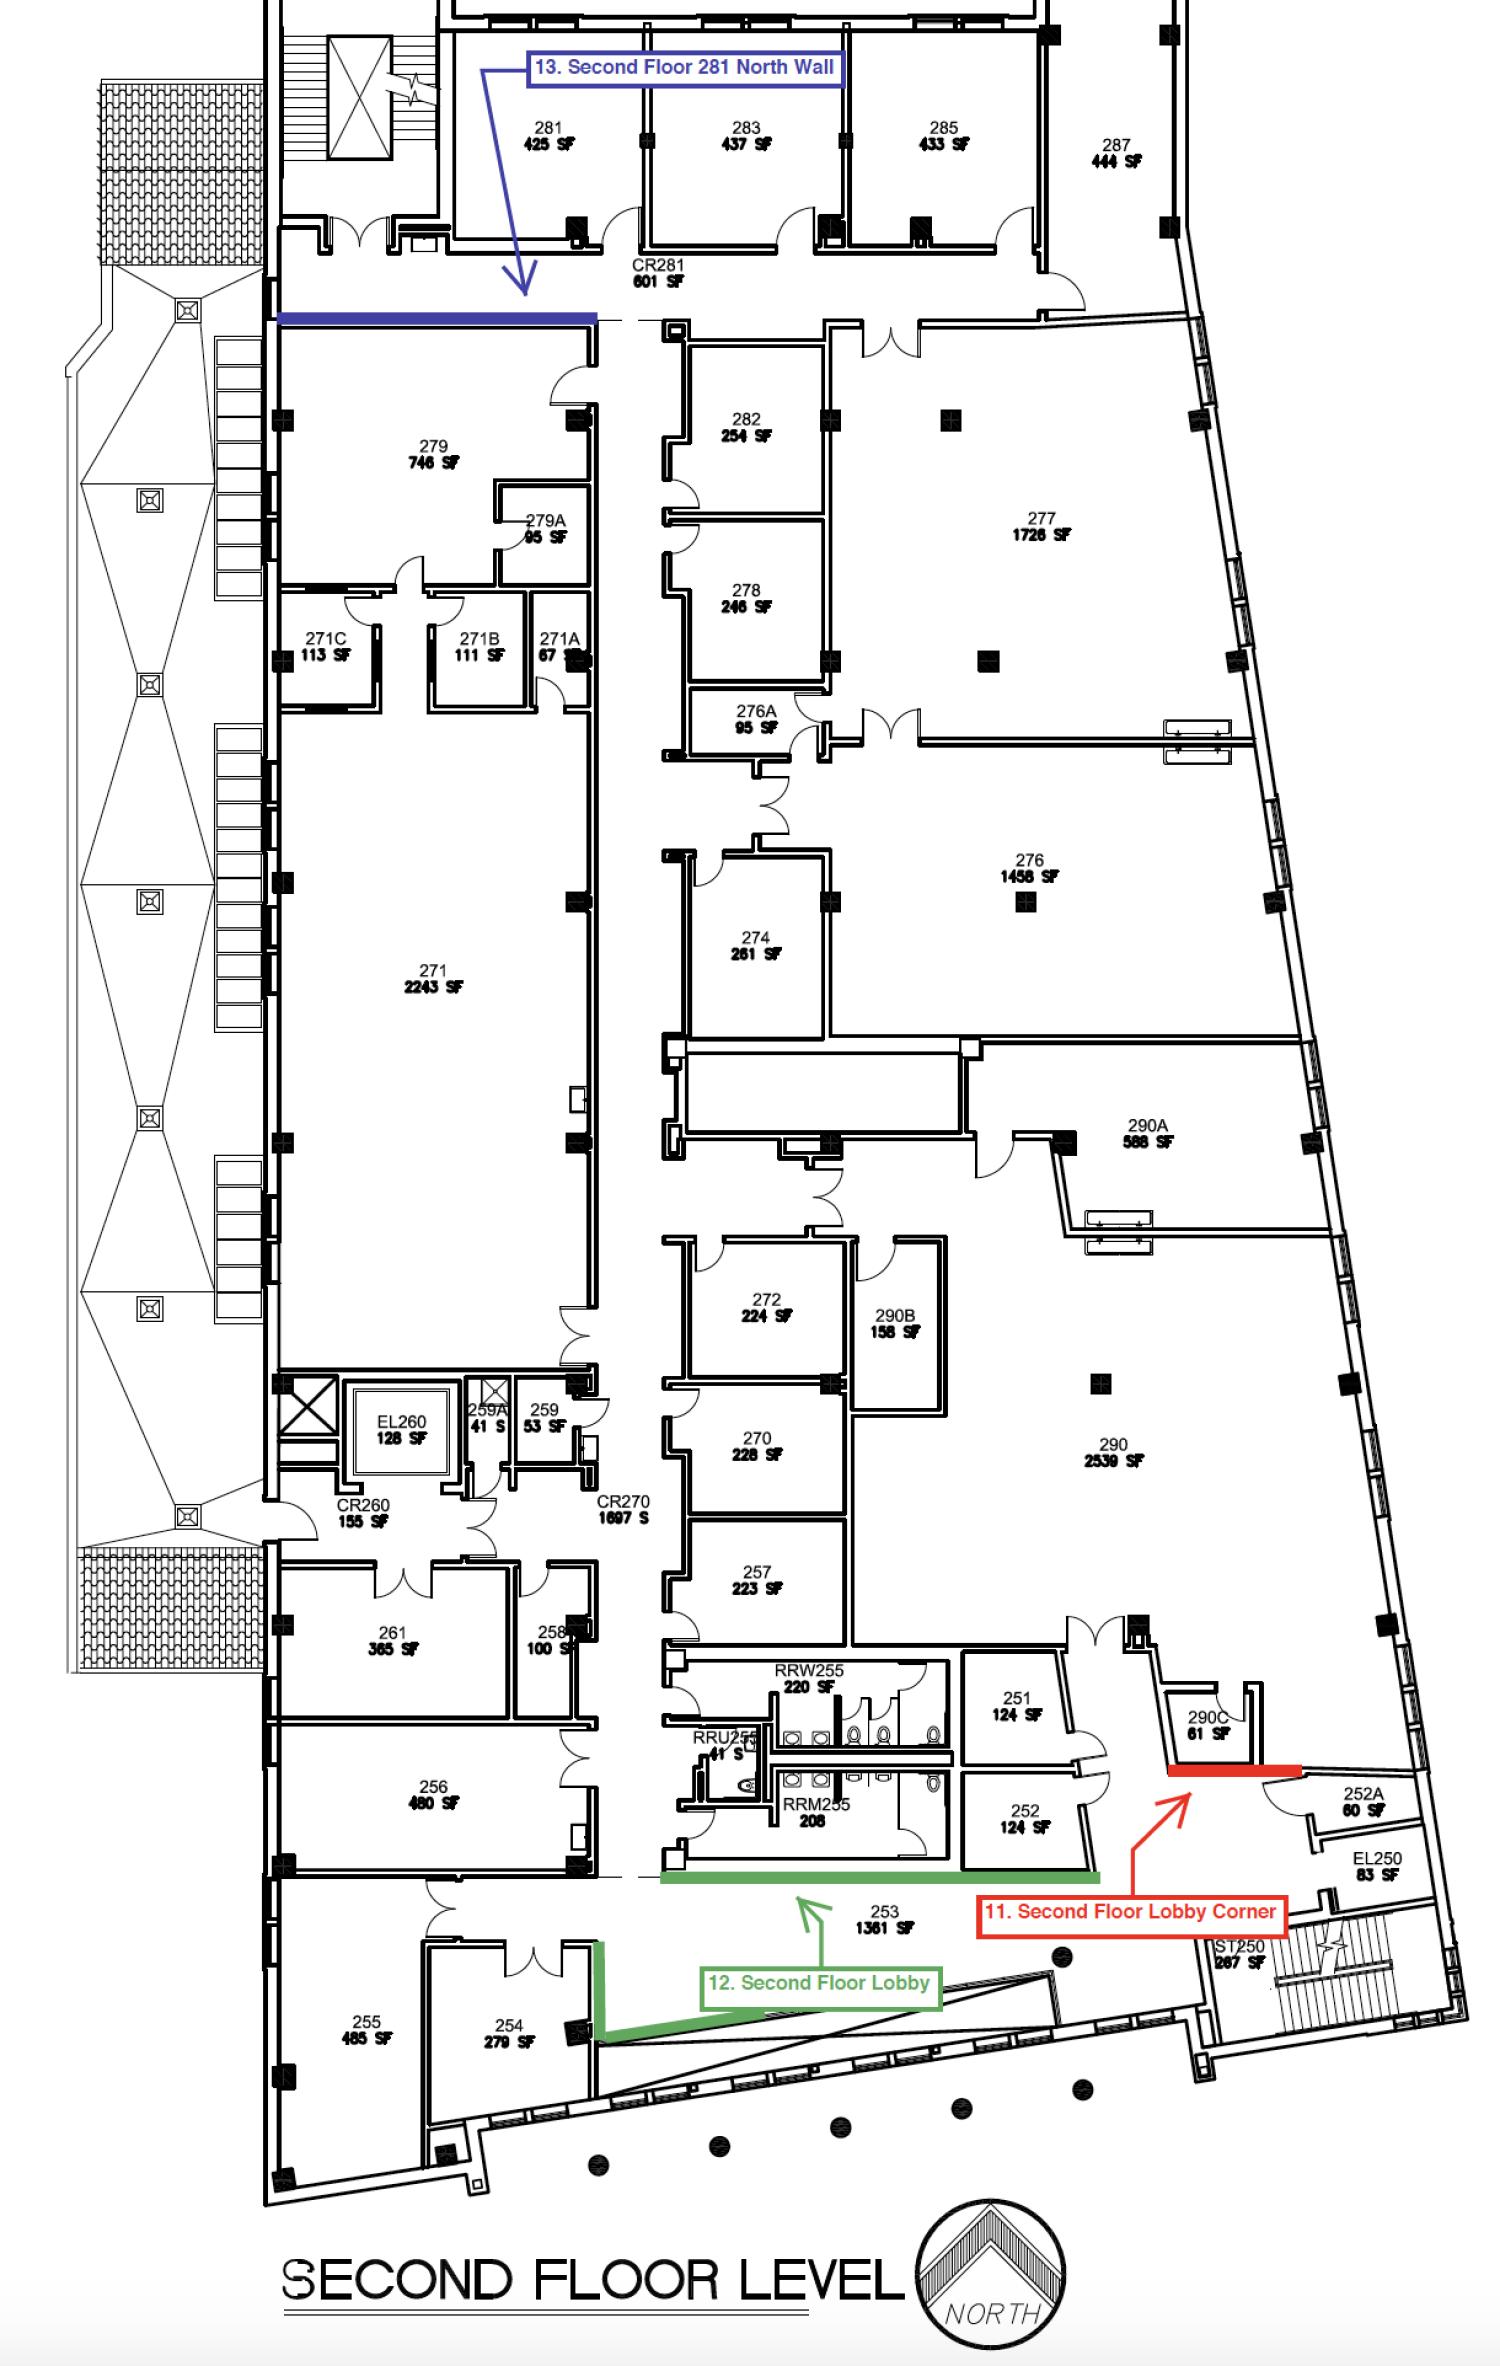 schematic for building second floor